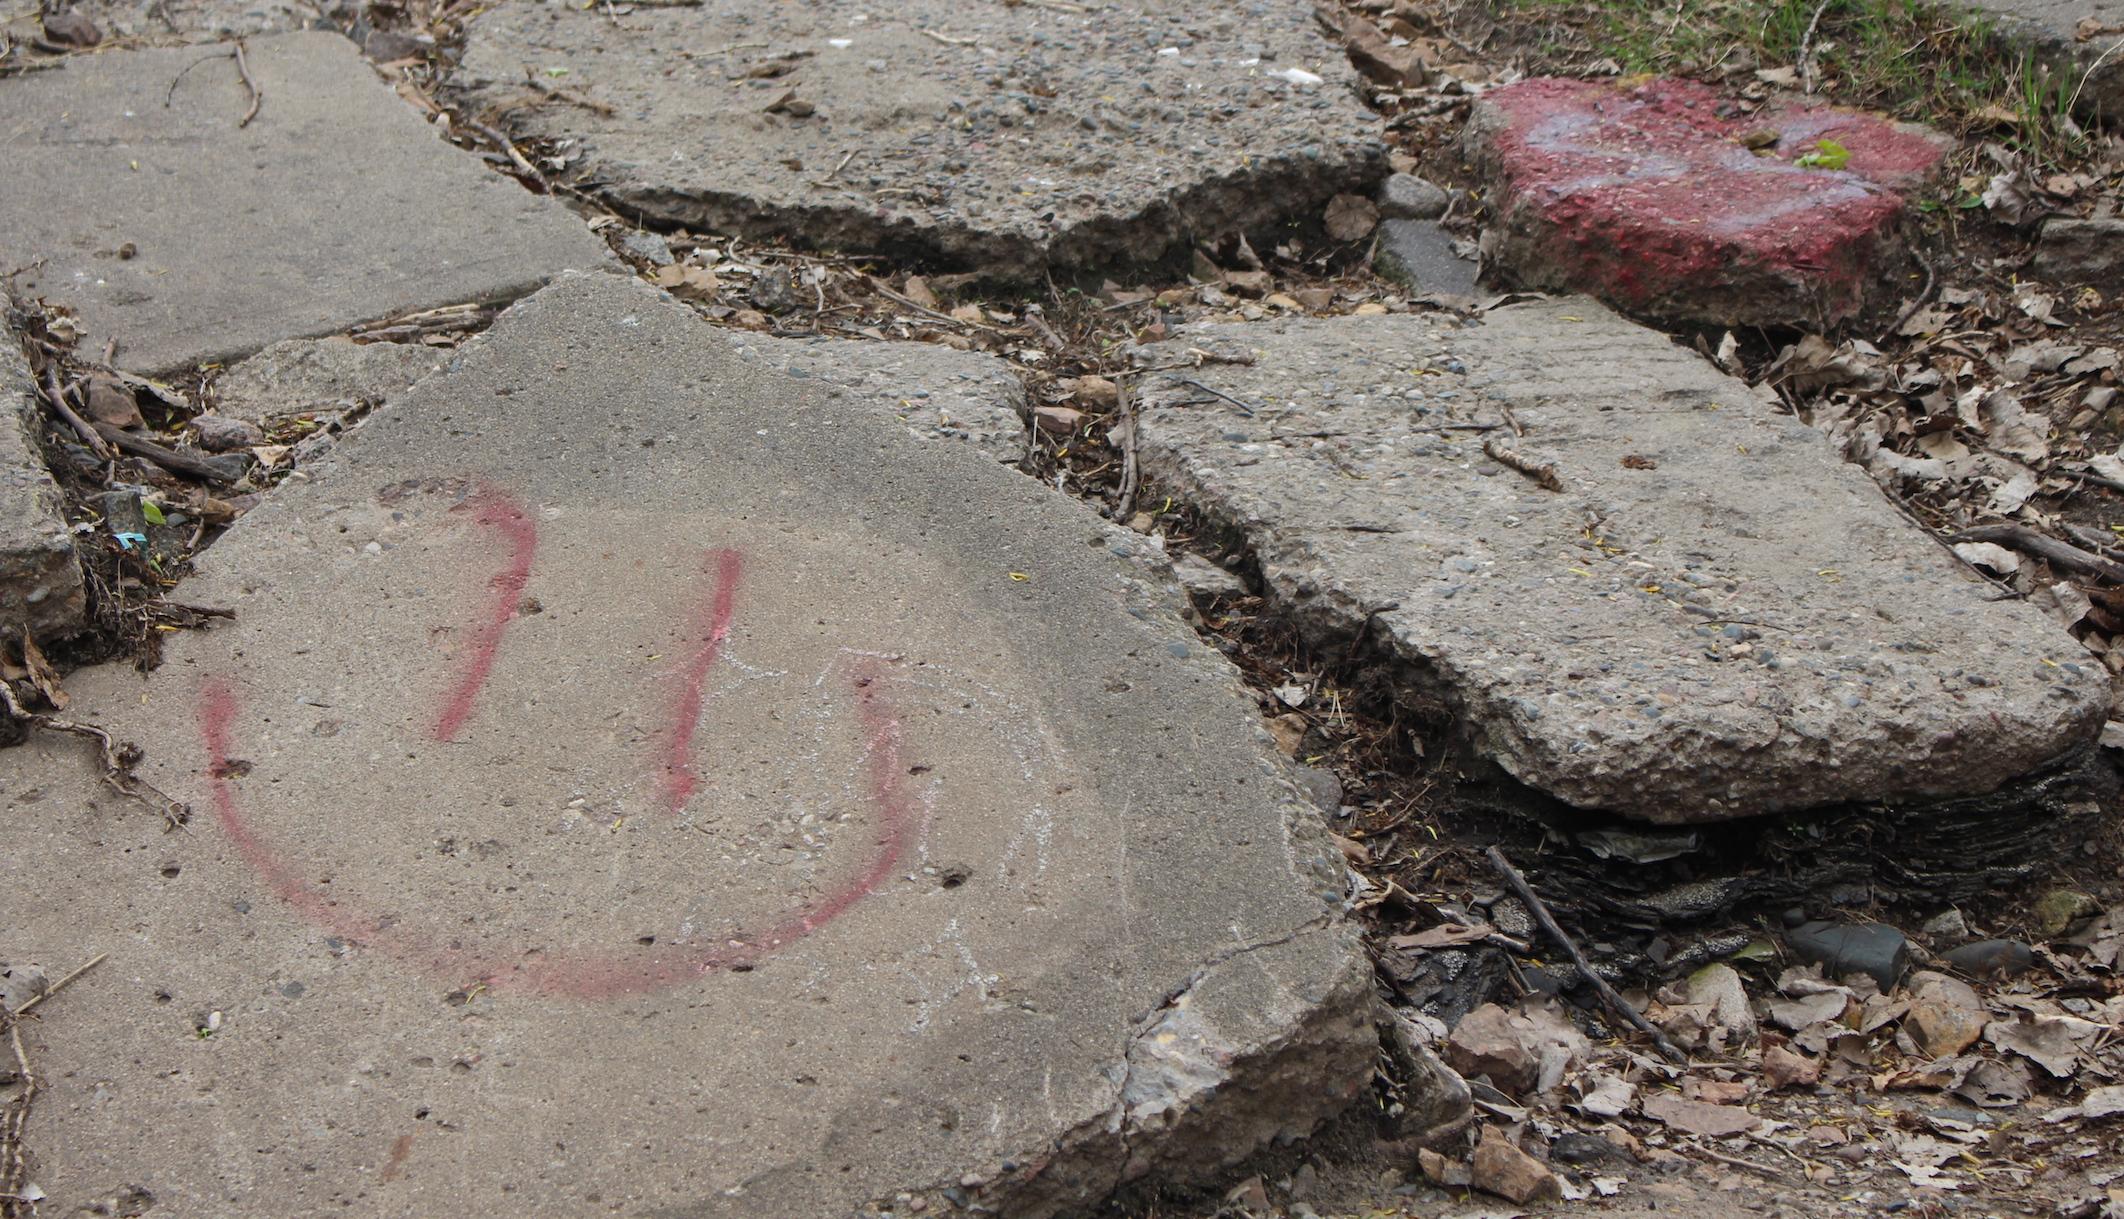 Mapa de Smiley Face Killers: ¿Dónde se encontraron las presuntas víctimas?